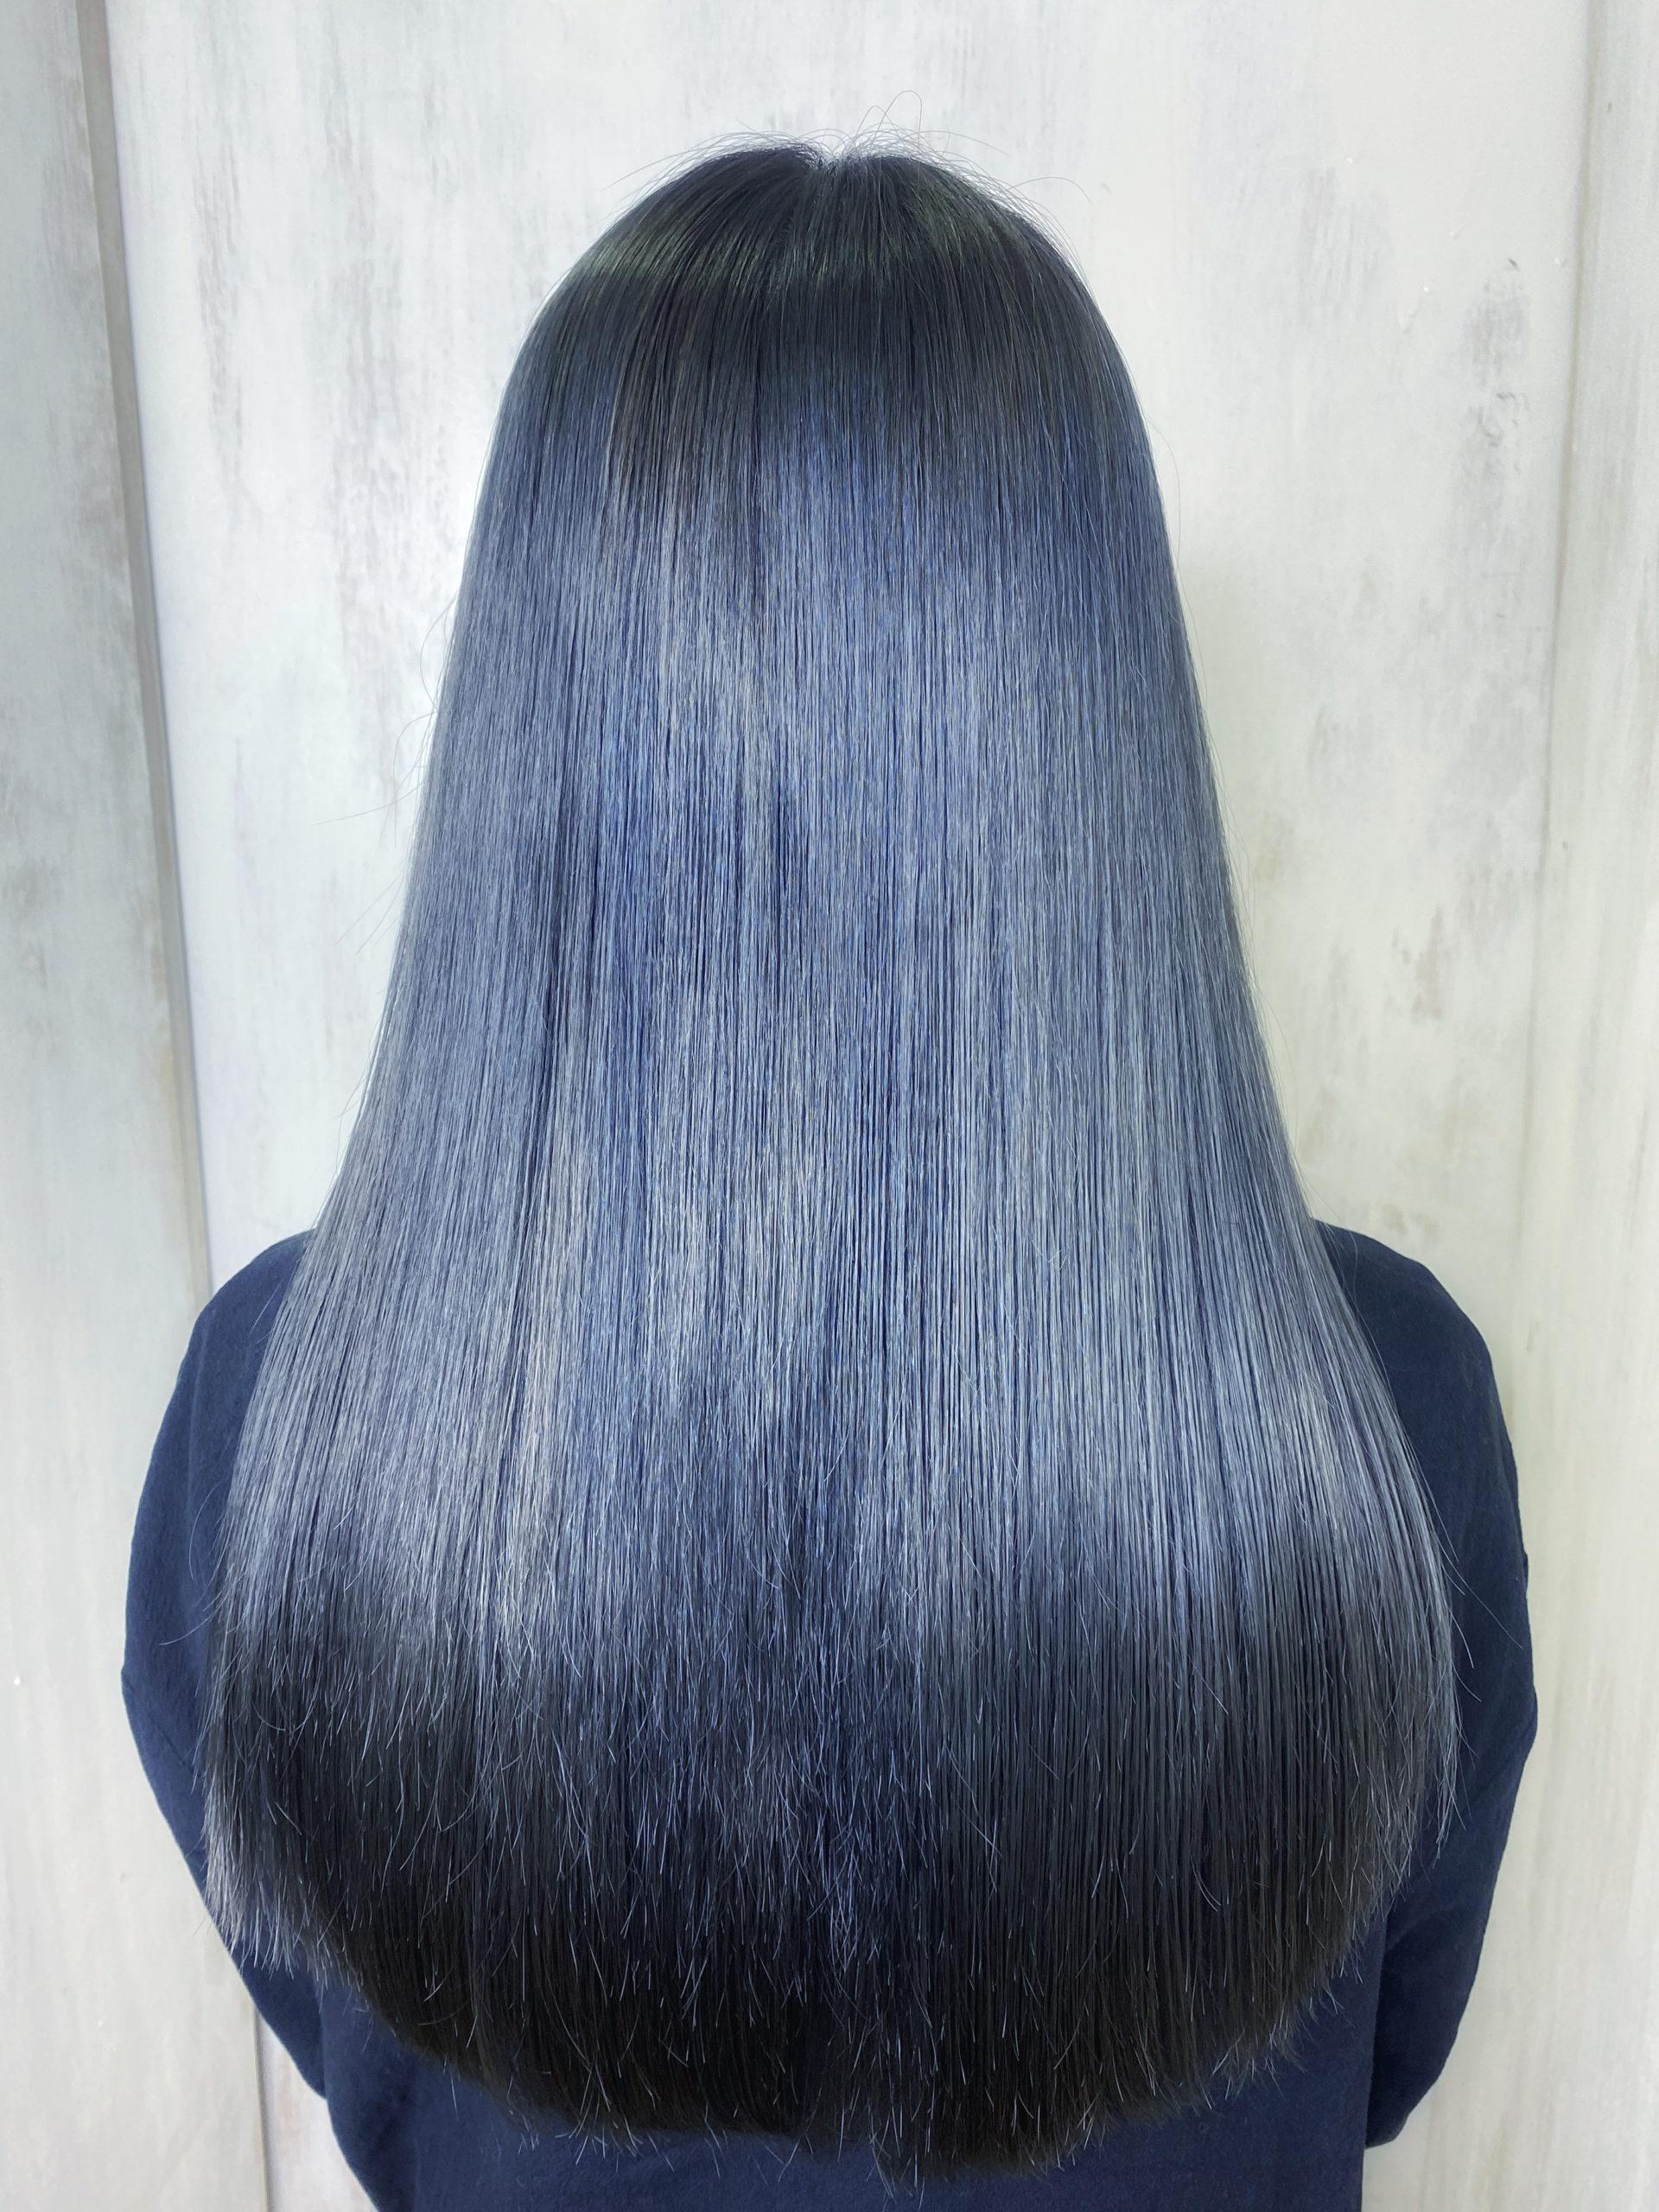 ブリーチ3回している髪の縮毛矯正とカラーで艶髪ストレートヘア。原宿・表参道『髪のお悩みを解決するヘアケア美容師の挑戦』